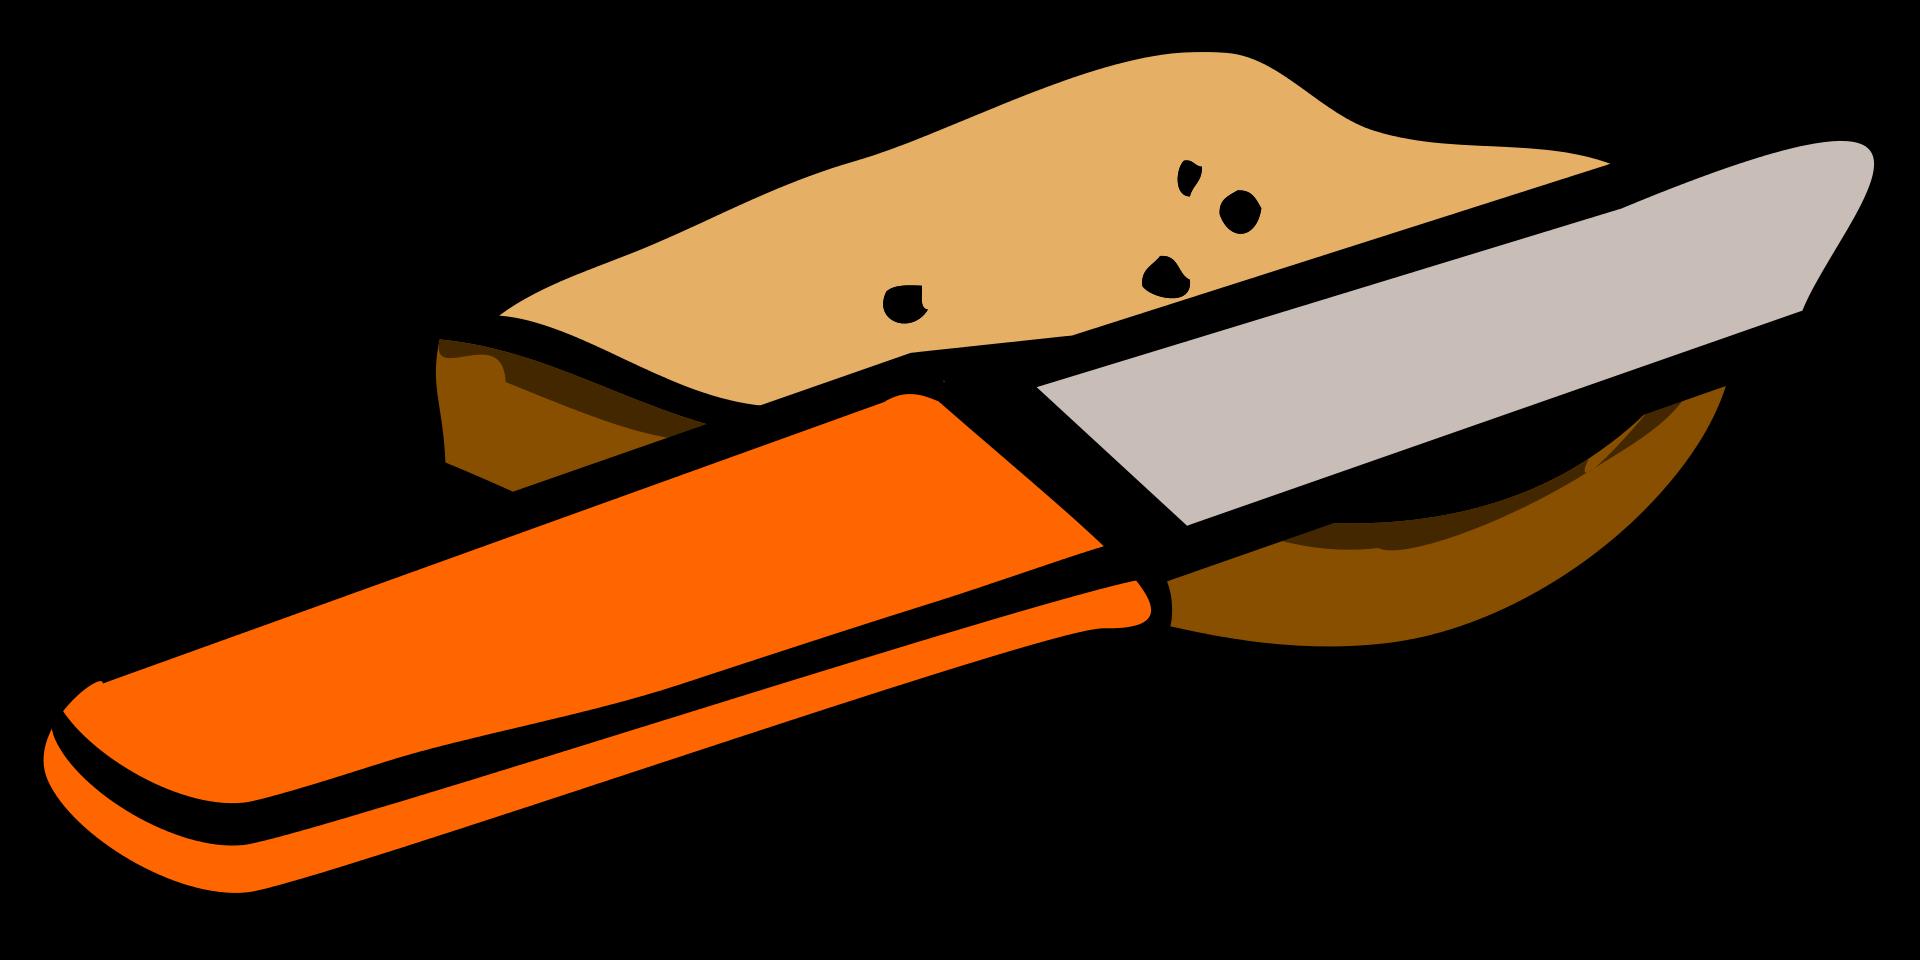 Fork steak knife